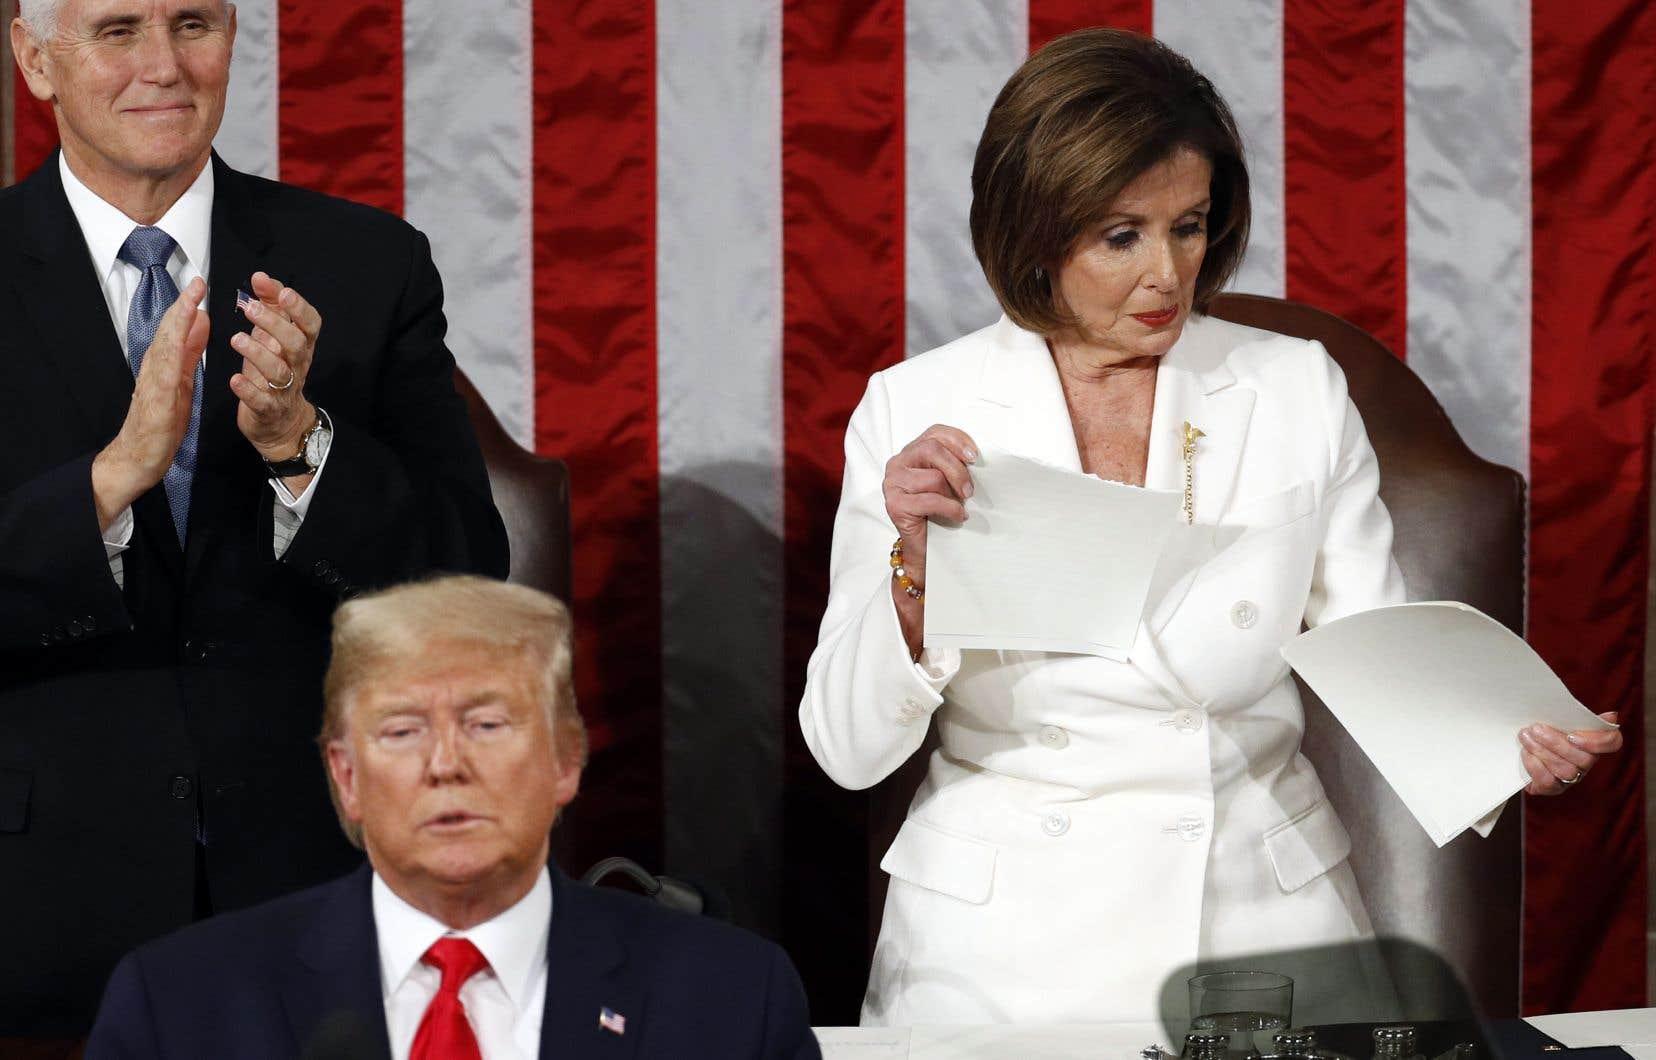 Une fois l'allocution de Donald Trump finie, Nancy Pelosia déchiré dans un geste spectaculaire sa copie du discours.